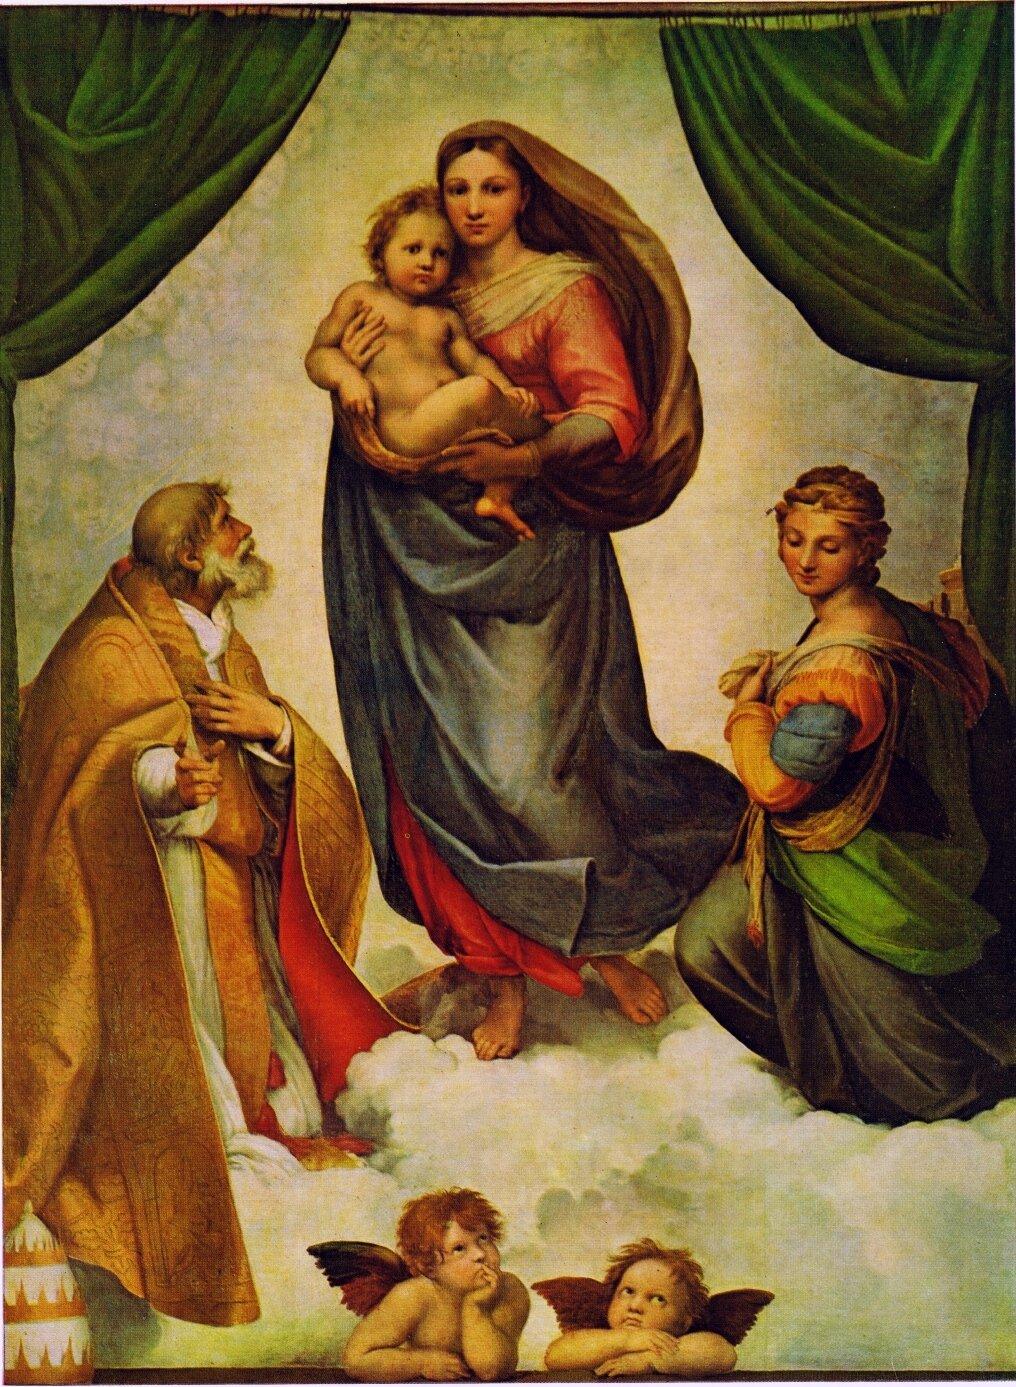 Madonna Sykstyńska Źródło: Rafael Santi, Madonna Sykstyńska, ok. 1513–1514, Galeria Obrazów Starych Mistrzów, Drezno, domena publiczna.